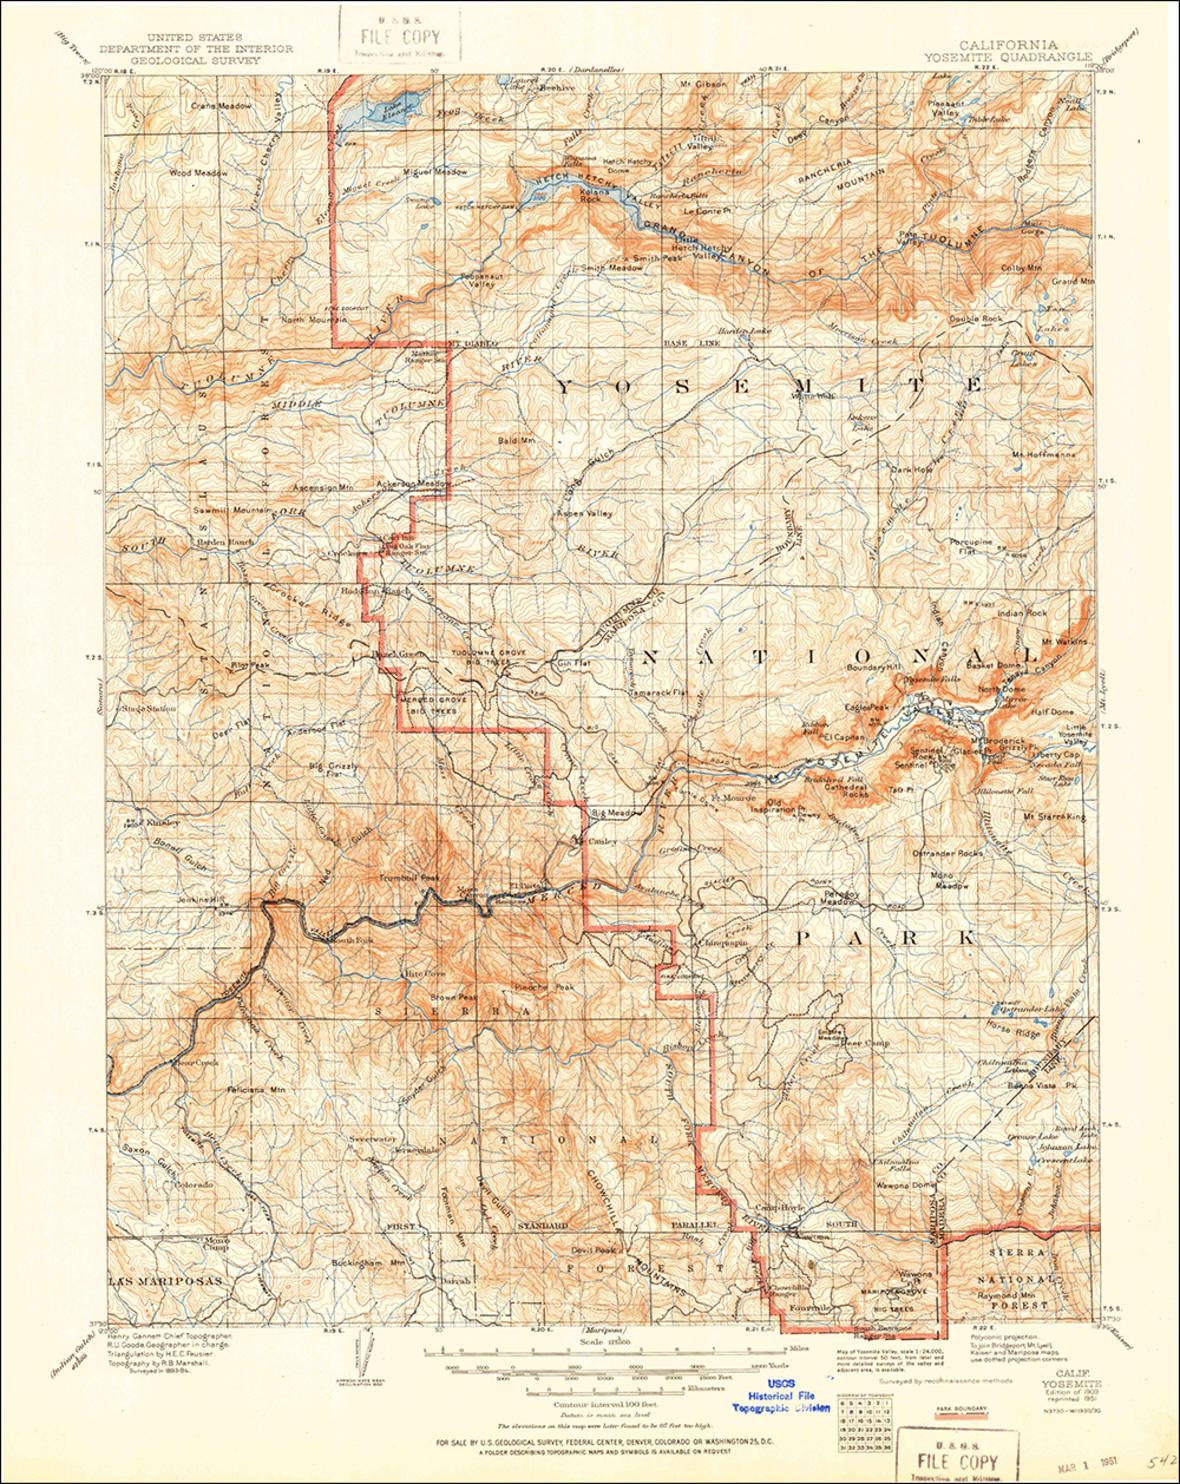 Scan Of The 1909 Usgs Quadrangle Of The Yosemite, California Area - Usgs Topo Maps California